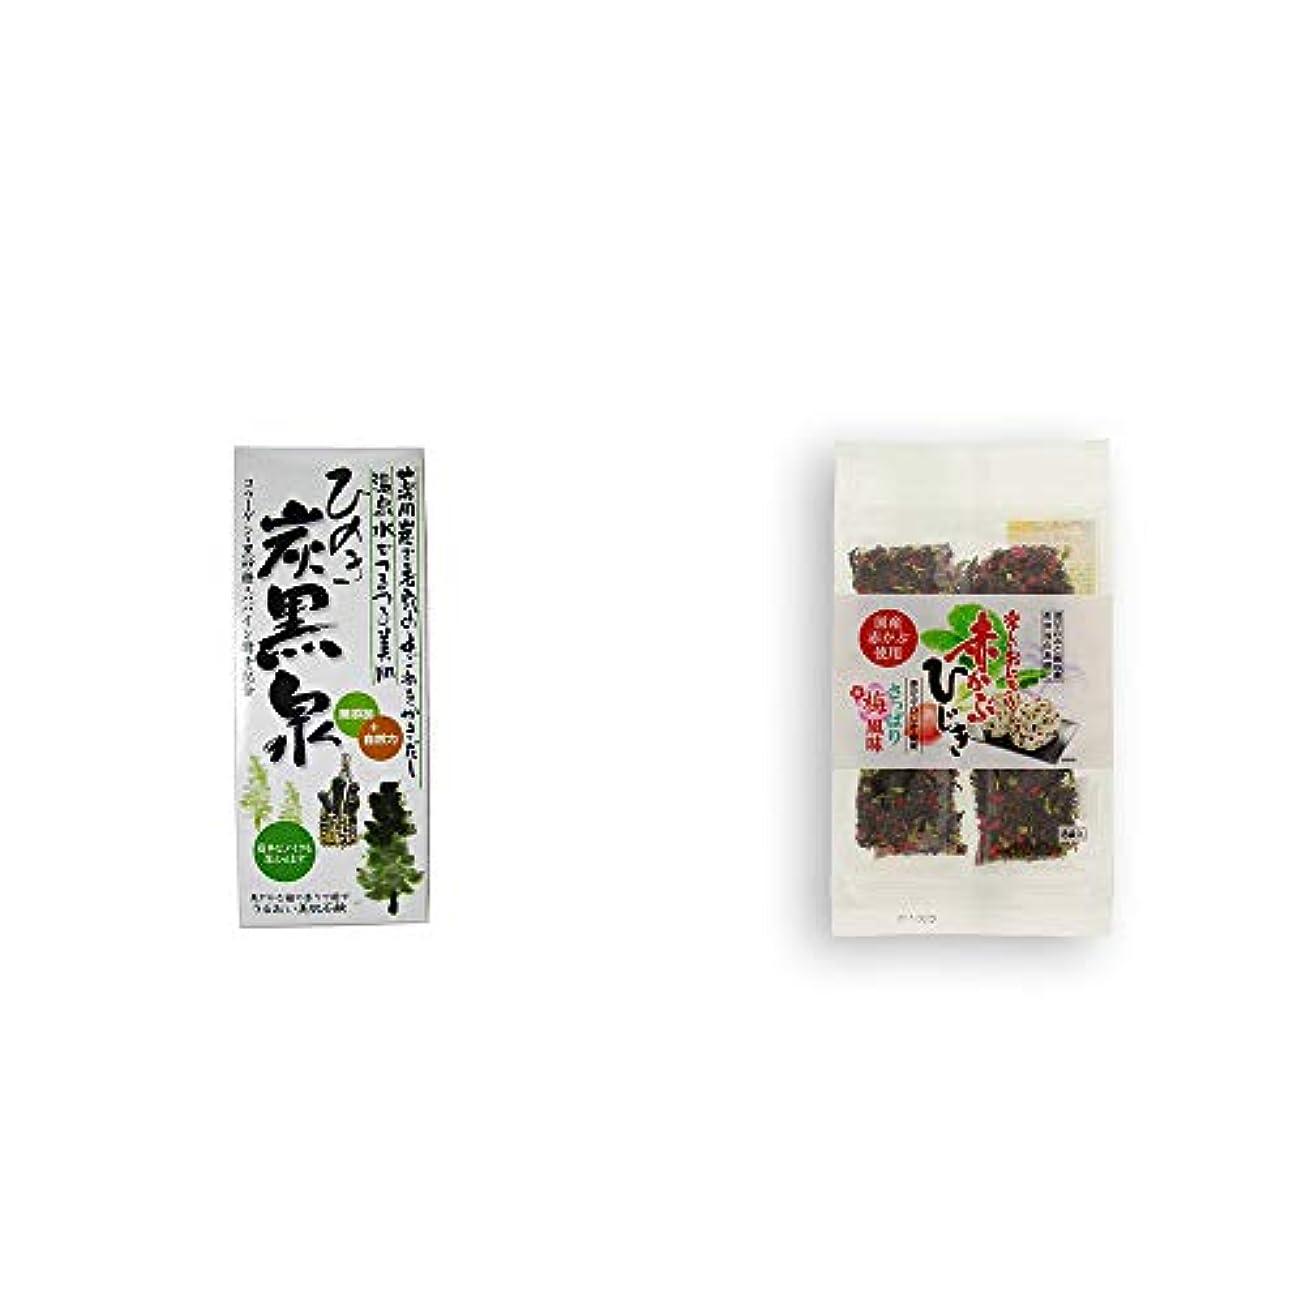 ネックレットお香モス[2点セット] ひのき炭黒泉 箱入り(75g×3)?楽しいおにぎり 赤かぶひじき(8g×8袋)